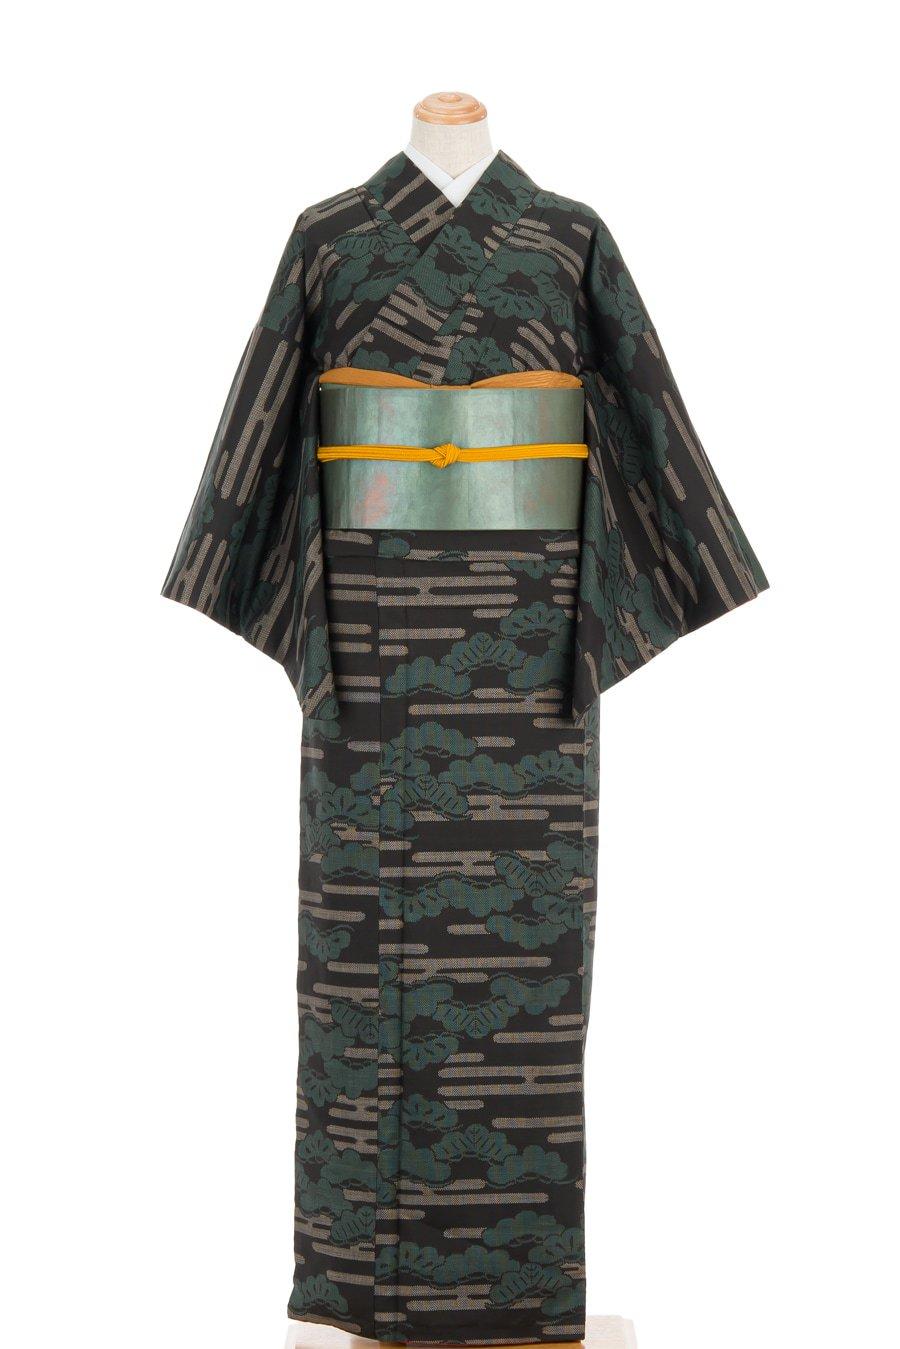 「大島紬 松と霞 7マルキ」の商品画像